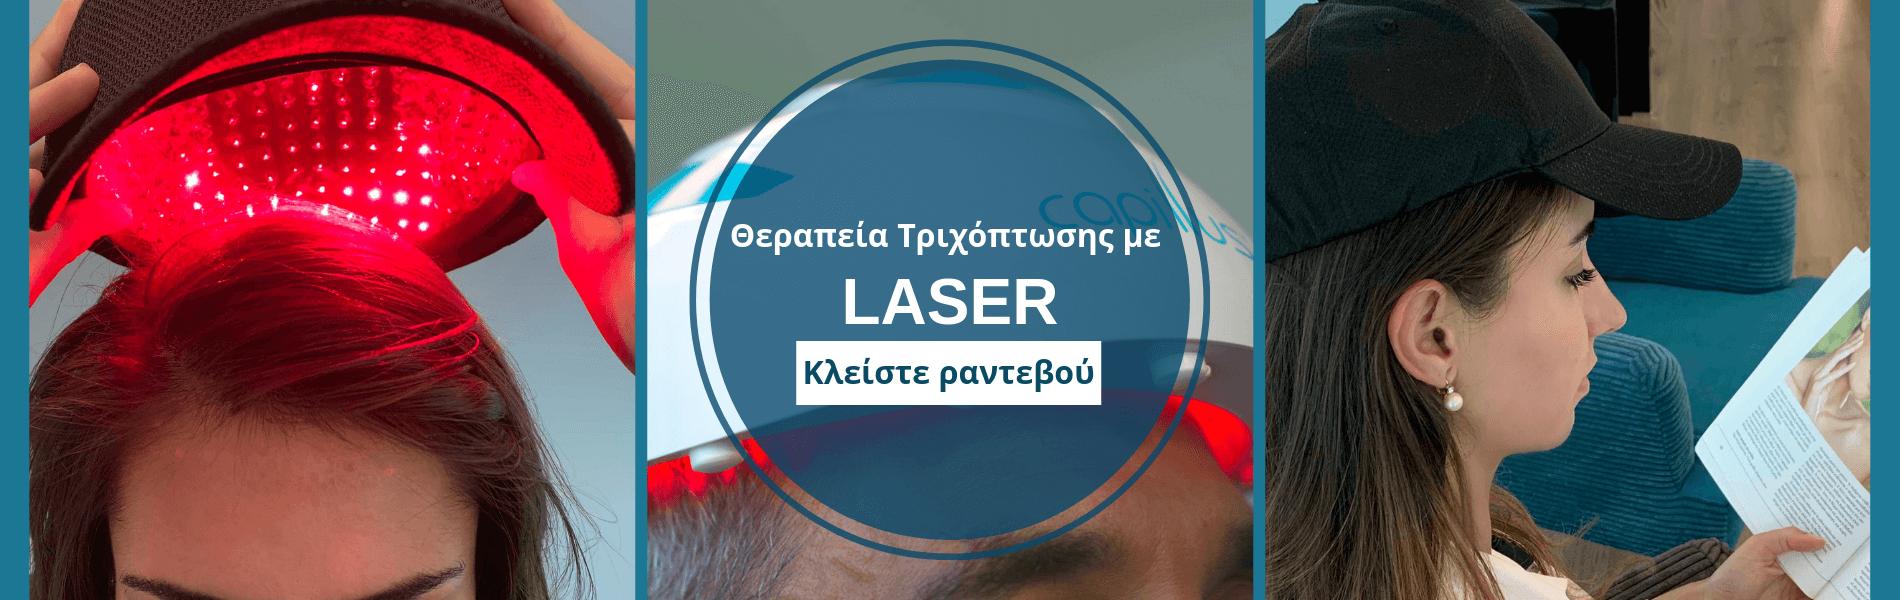 κλειστε ραντεβου για θεραπείες Τριχόπτωσης με laser στην Anastasakis Hair Clinic